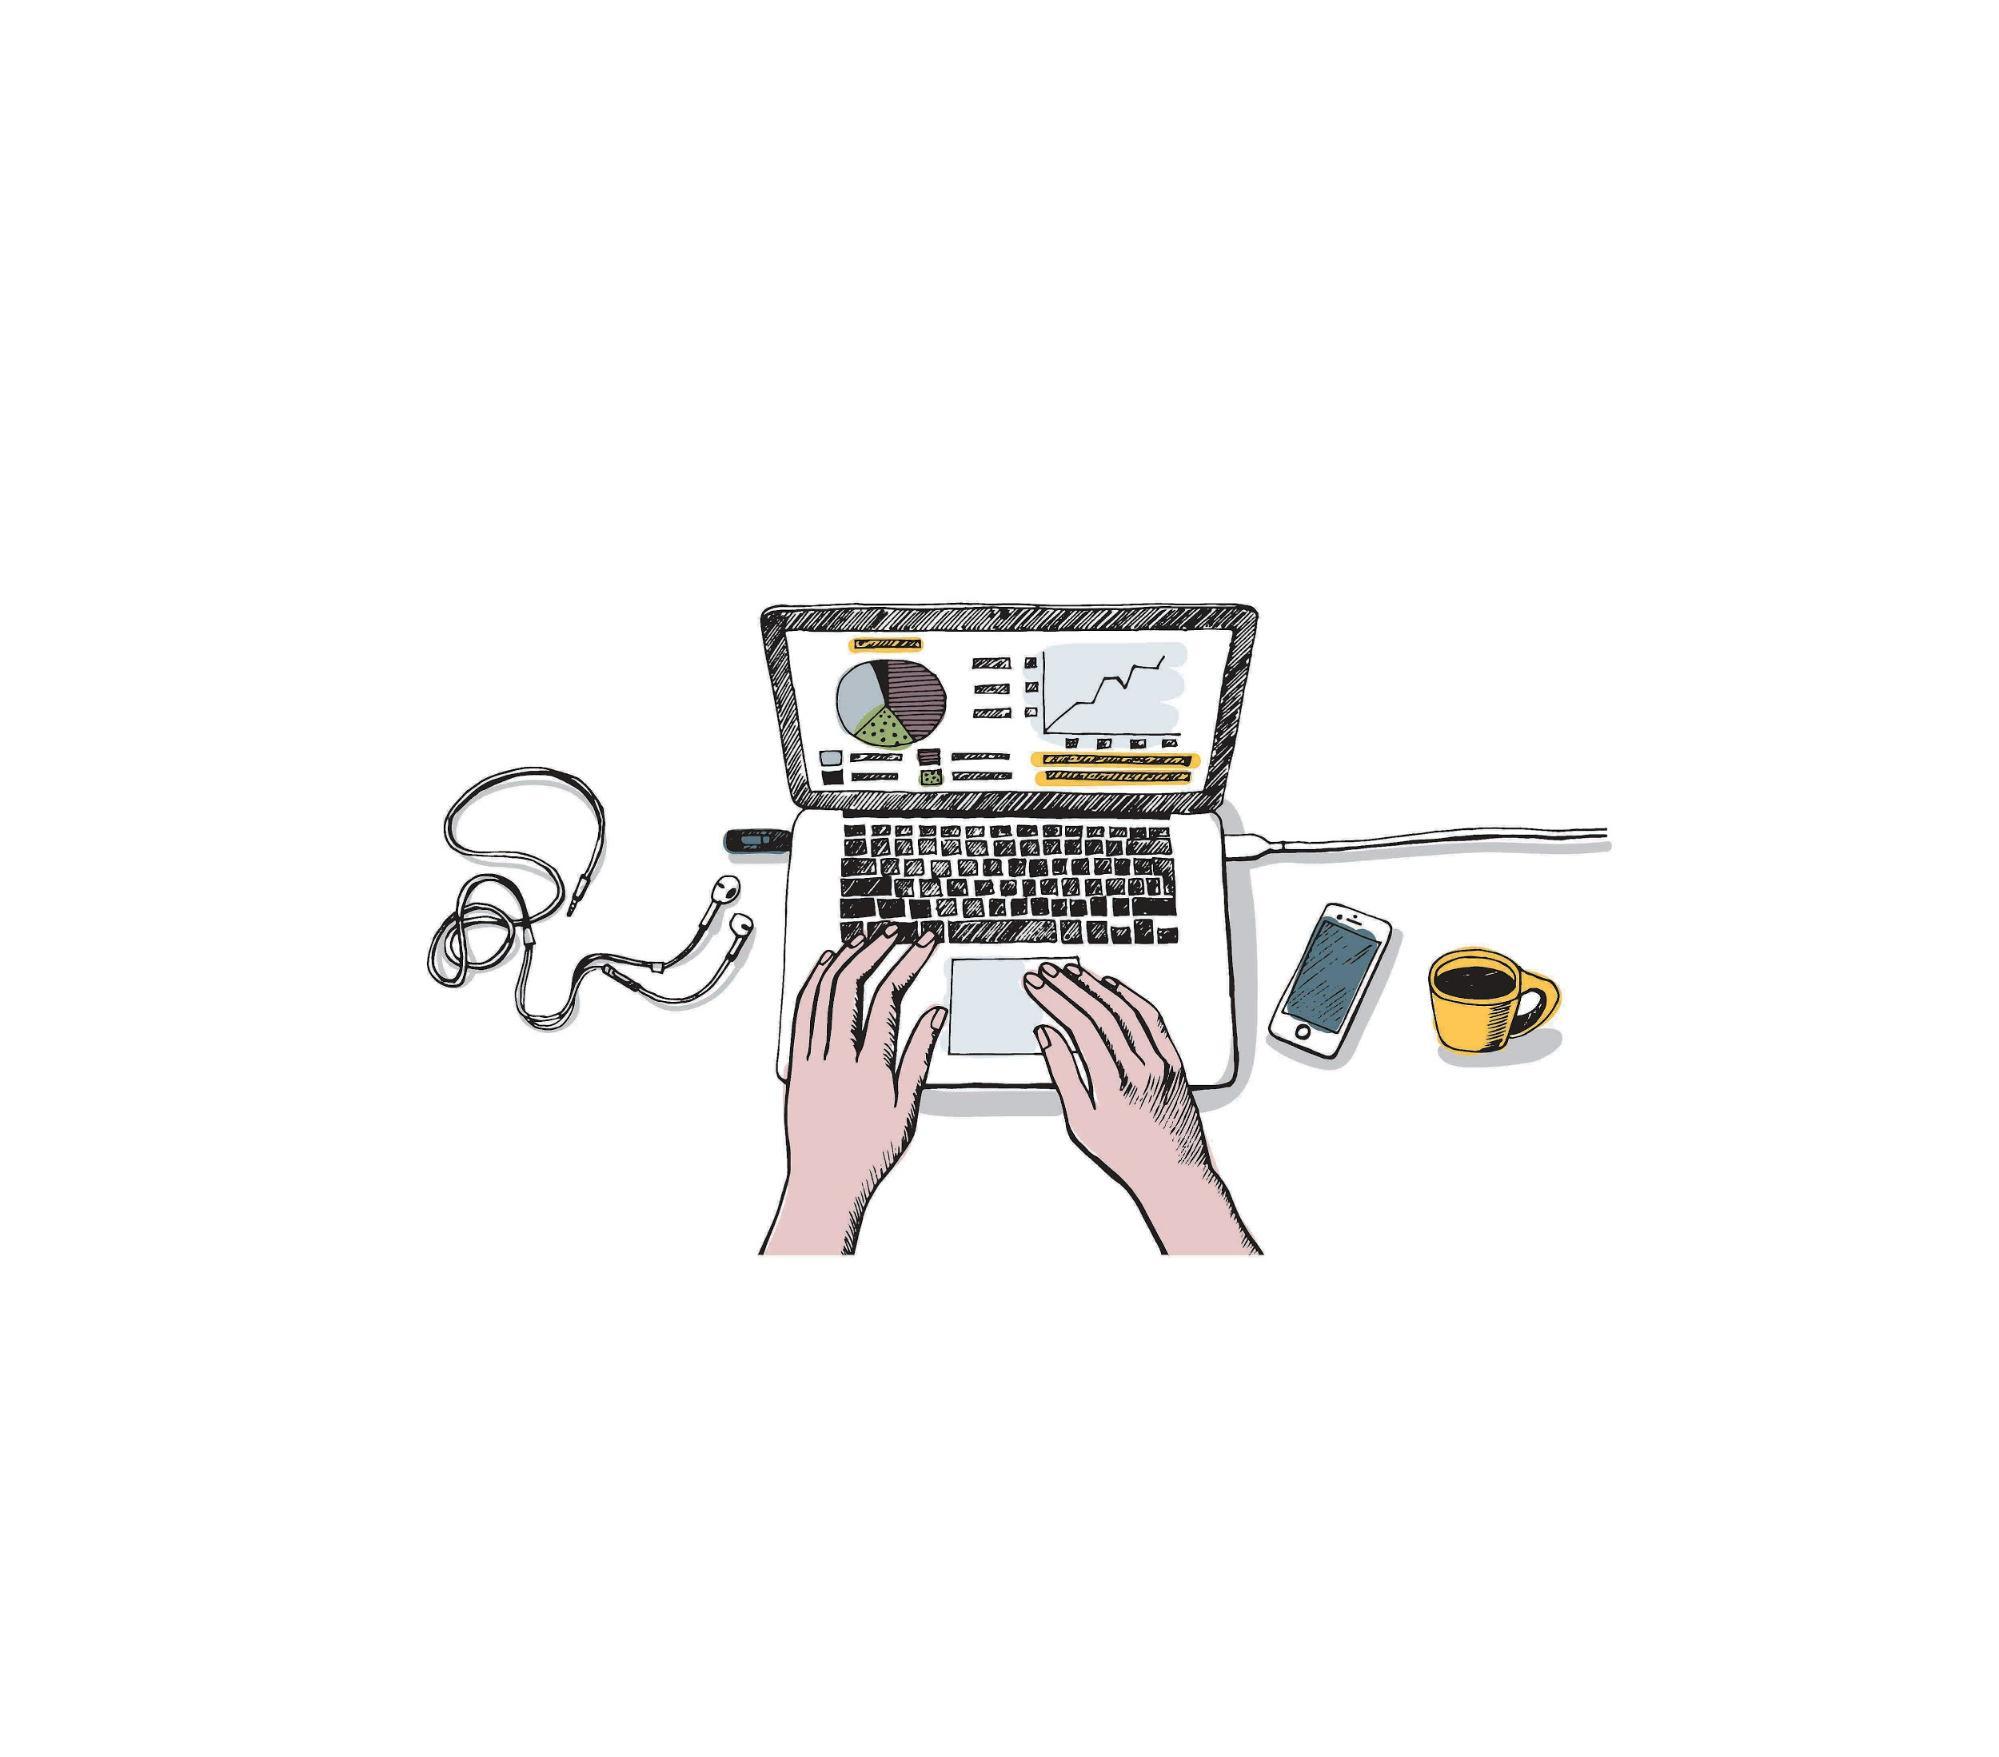 Аутсорсинг, аутшеринг и выделенная команда: новое определение профессионализма